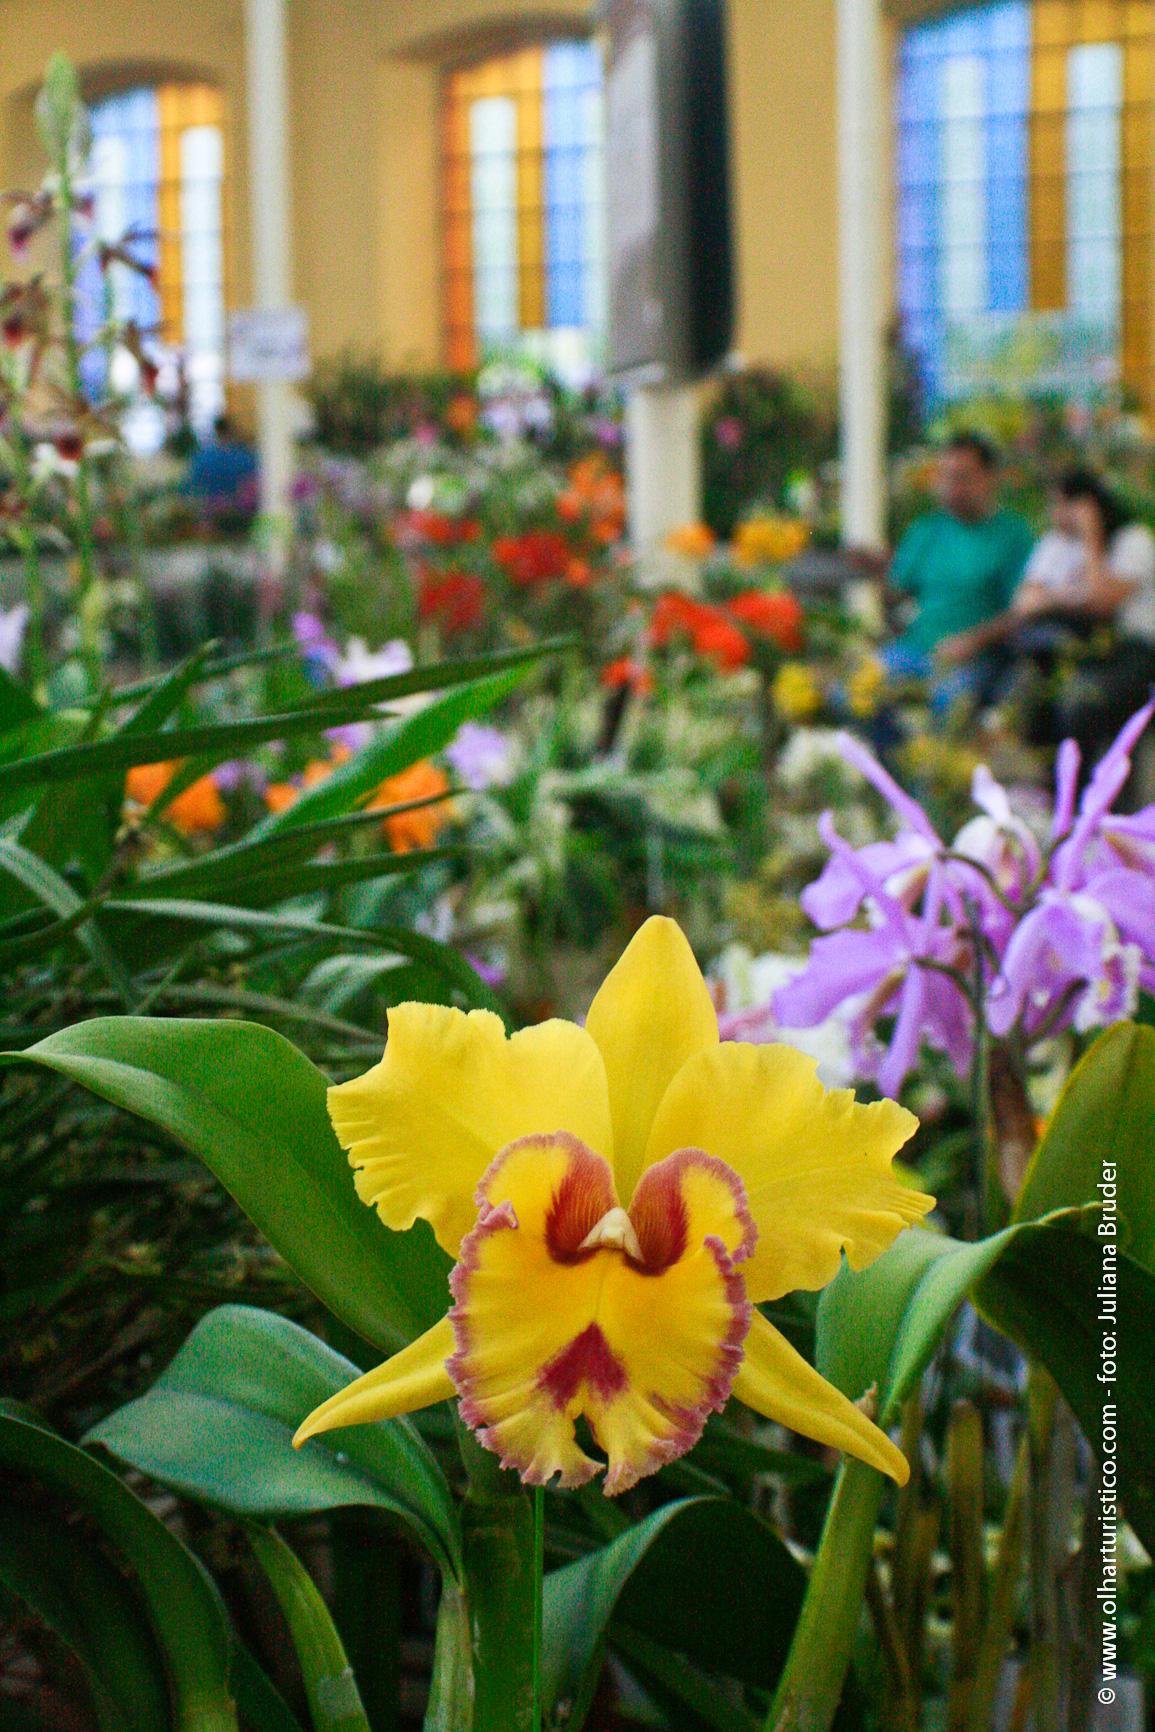 A cidade de São Roque realiza anualmente grande exposição de orquídeas.